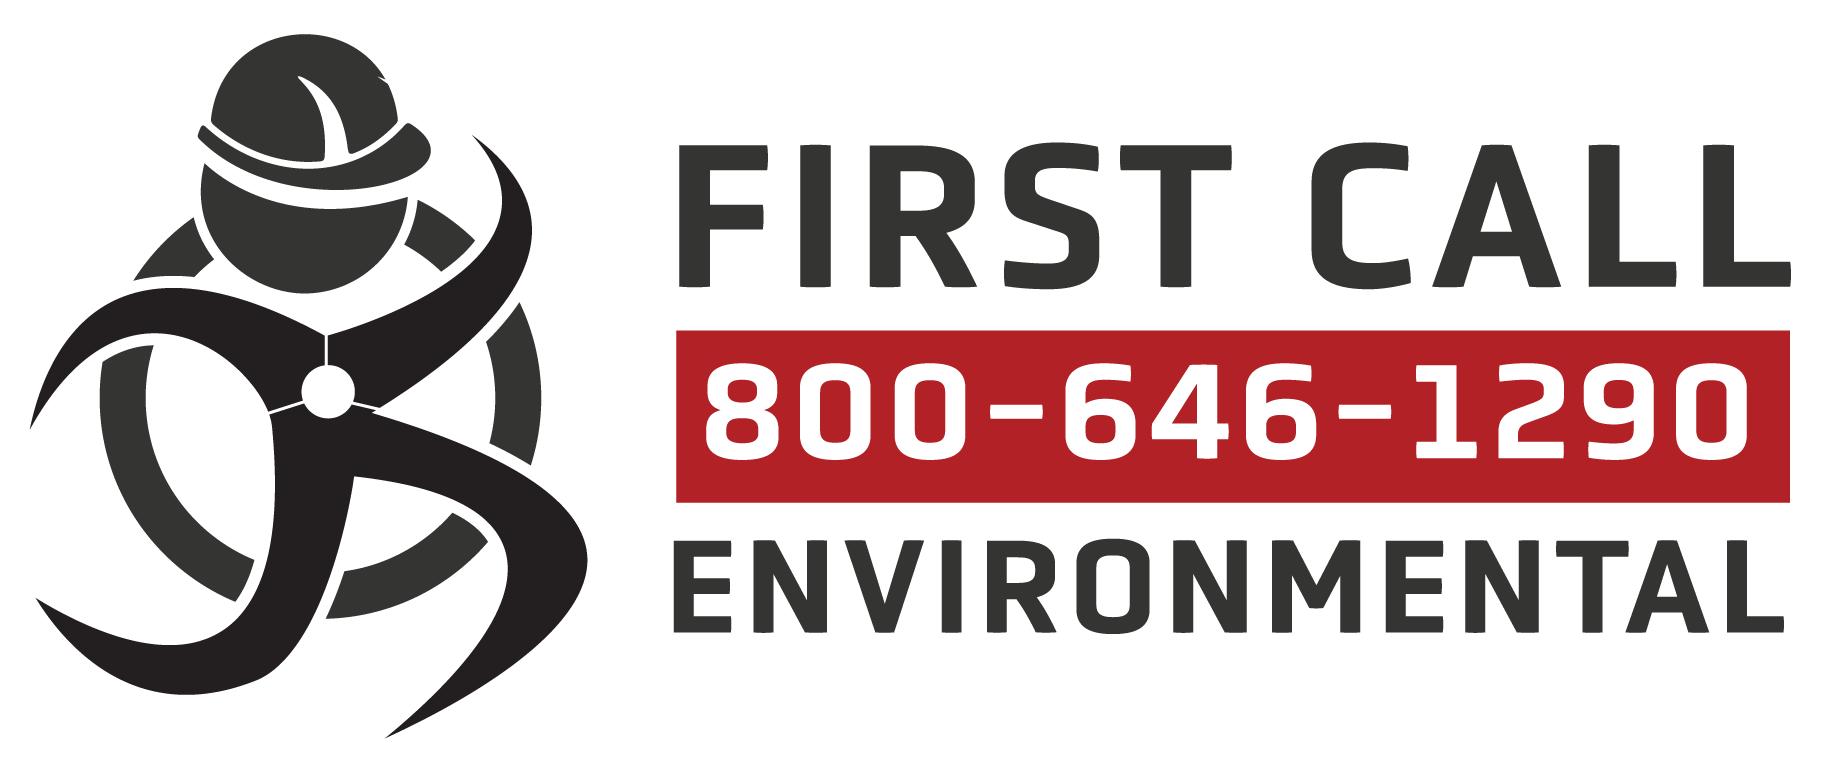 First Call Environmental